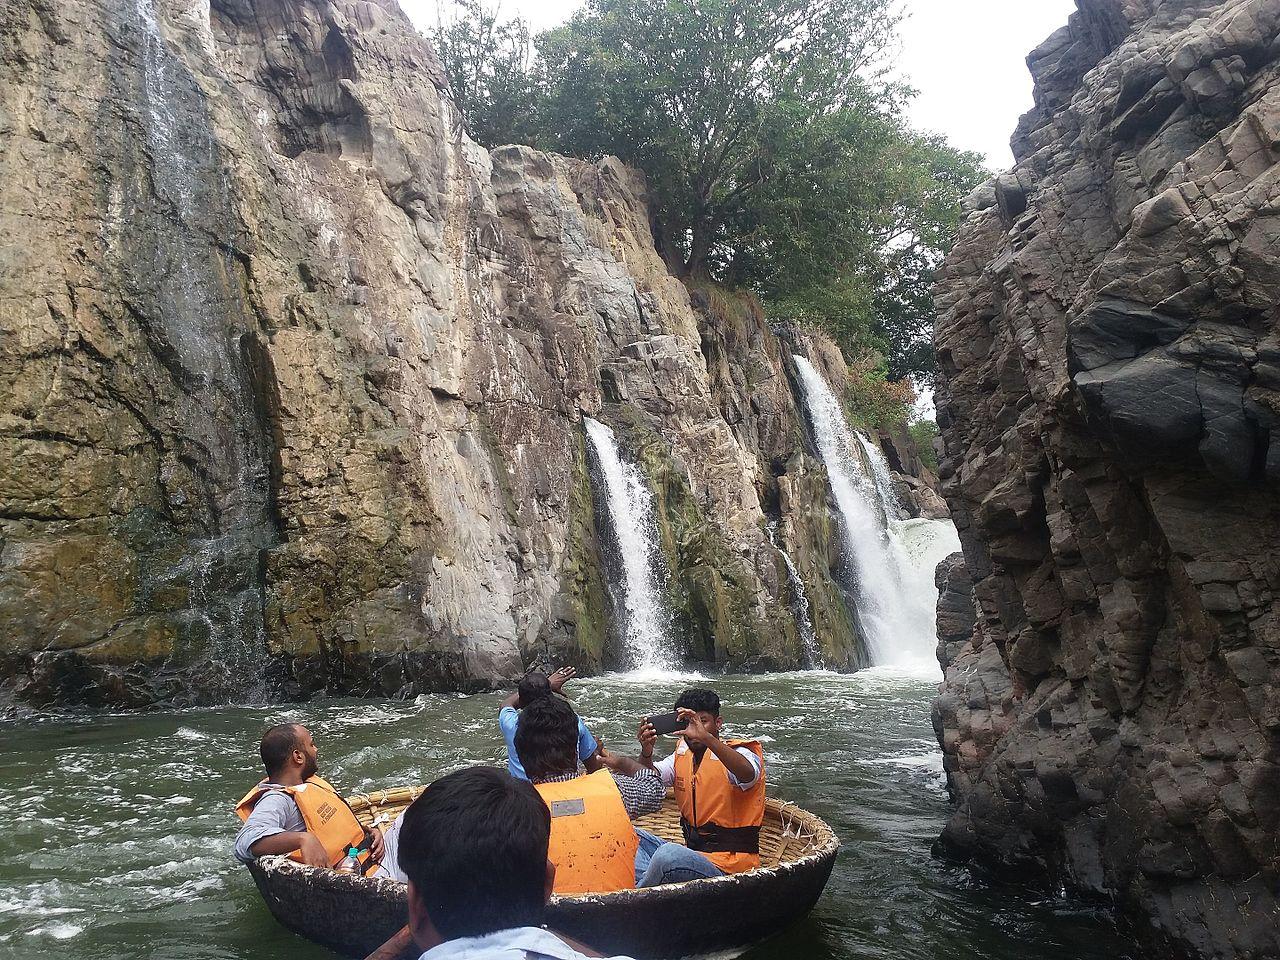 Hogenakkal Falls Overnight Camping with DJ